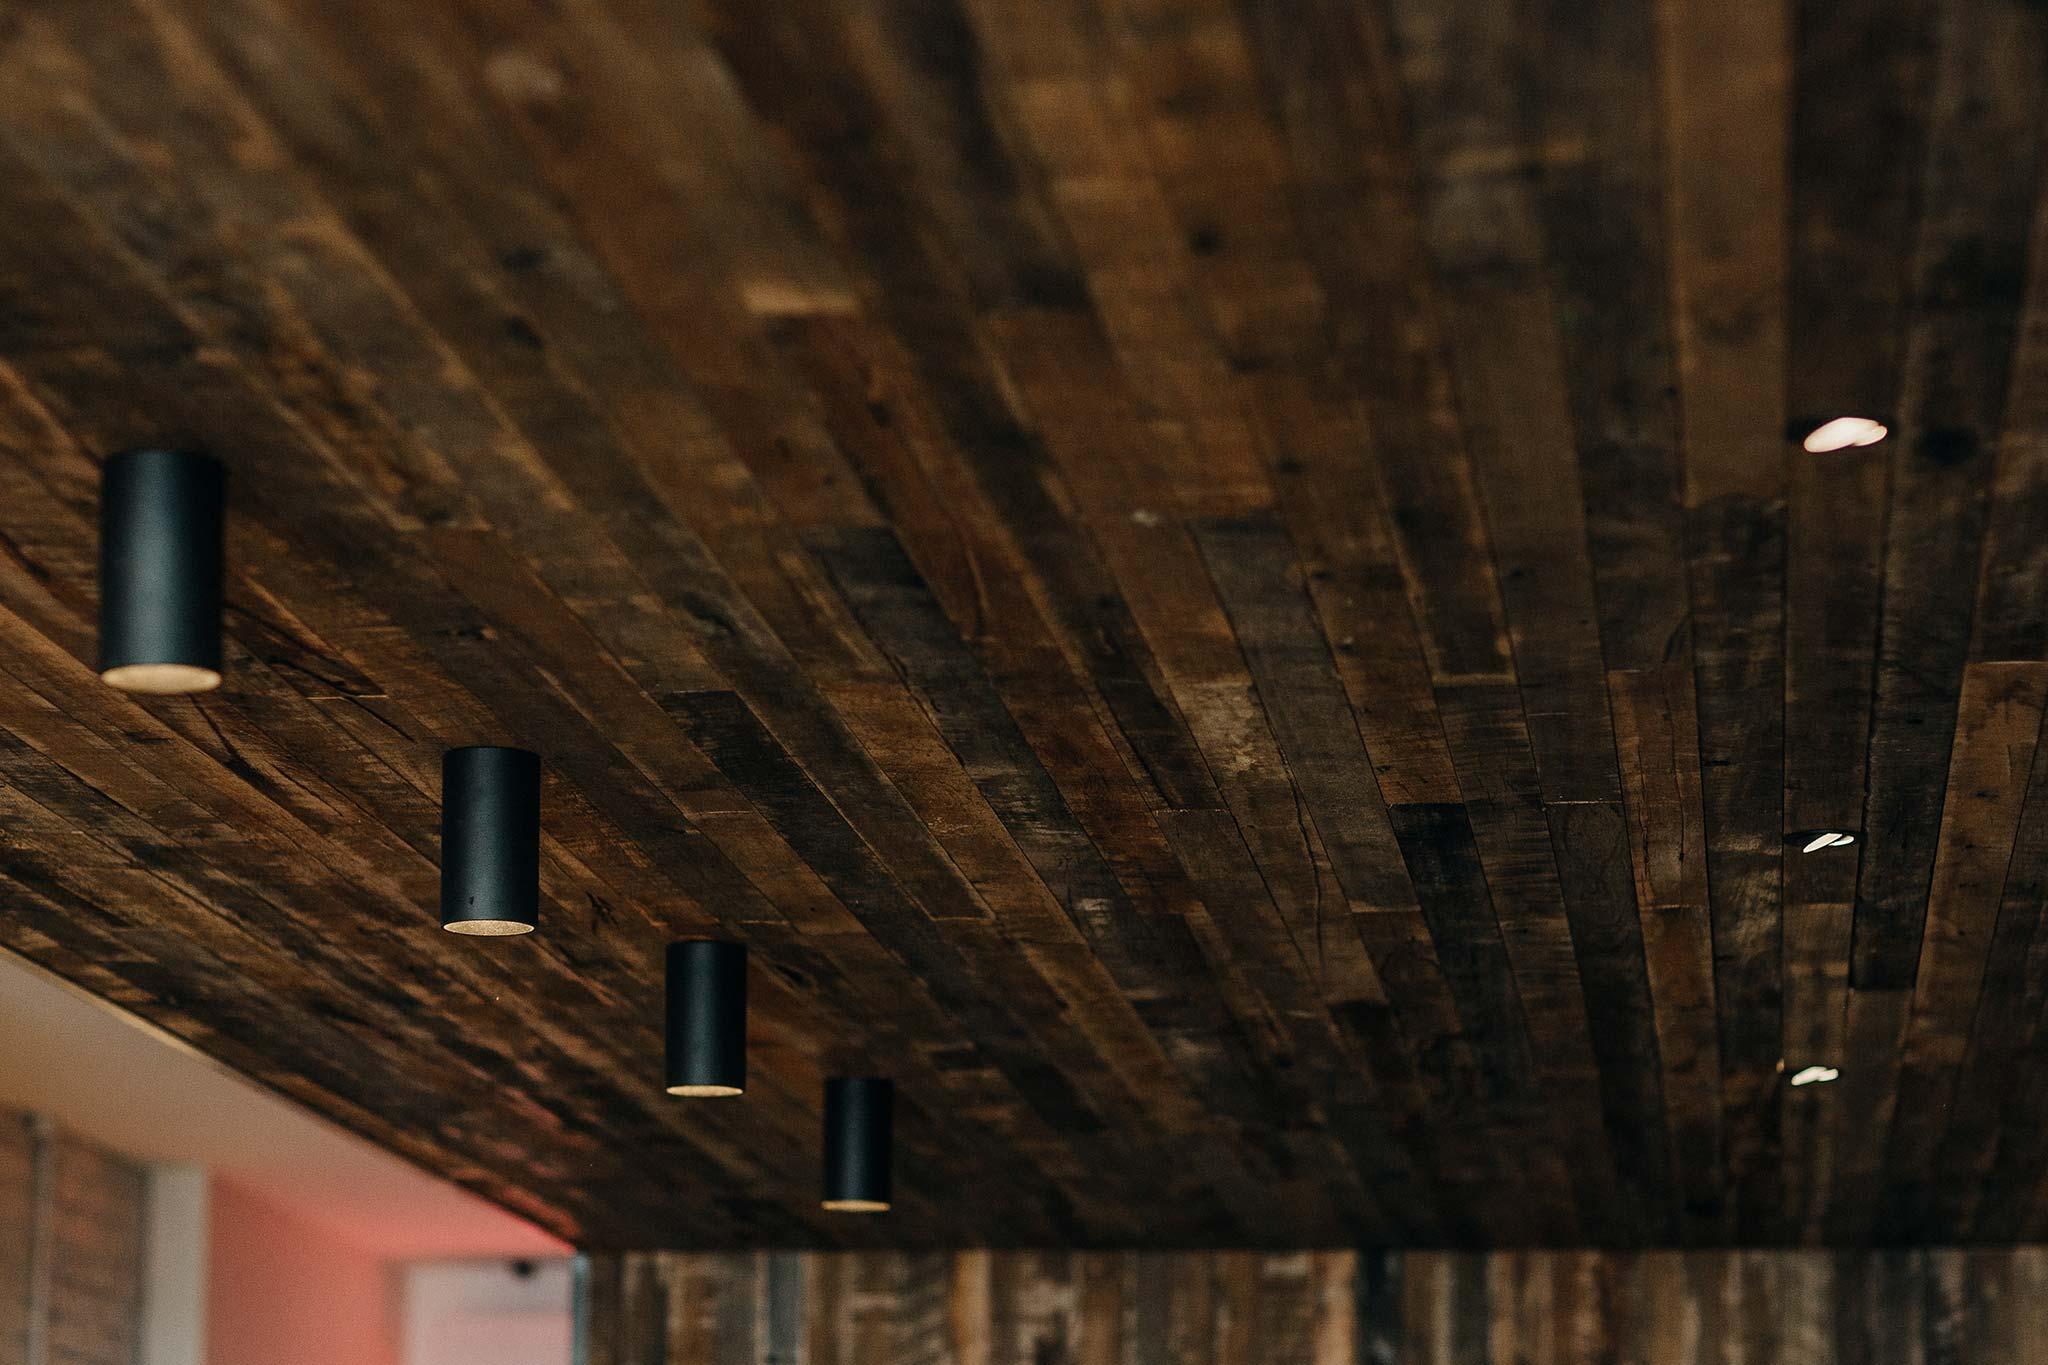 Belles-hot-chicken-windsor-ceiling-design